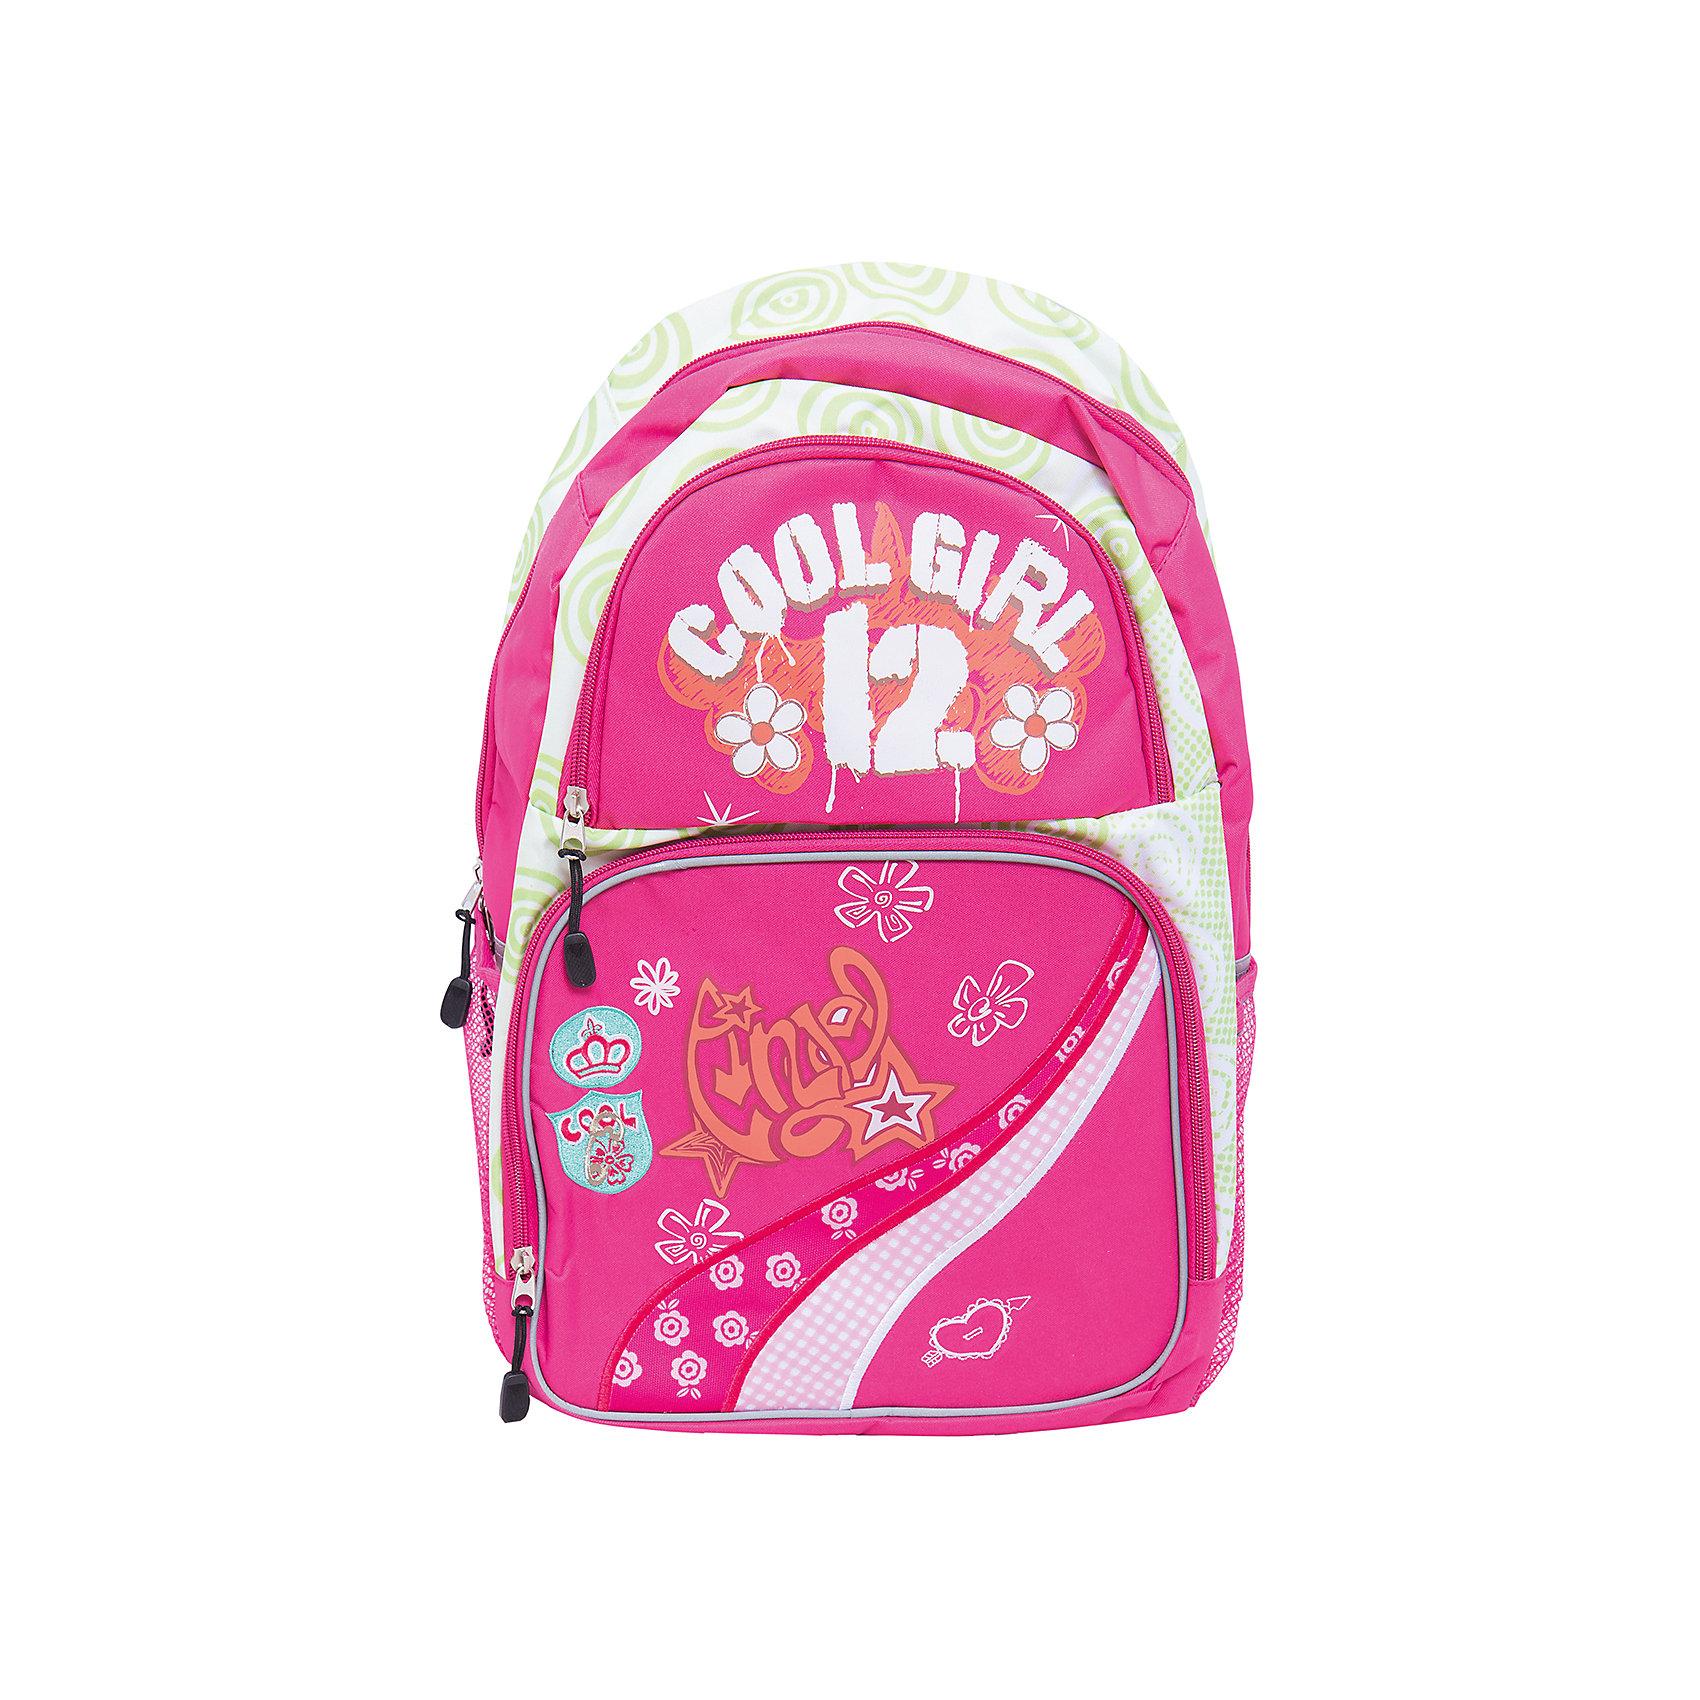 Школьный рюкзак Cool GirlРюкзак Cool Girl, 45х31х13,5 см - этот яркий рюкзак вместит все, что нужно для успешного учебного дня.<br>Рюкзак Cool Girl – это удобный рюкзак для повседневного использования, который обязательно понравится школьнице. Мягкая плотная спинка и регулируемые наплечные лямки предназначены для длительного и комфортного ношения рюкзака. У рюкзака имеется 1 вместительное отделение, 2 боковых сетчатых кармана и 2 передних кармана, закрывающиеся на застежки-молнии. Для переноски рюкзака в руках предусмотрена ручка.<br><br>Дополнительная информация:<br><br>- Материал: нейлон<br>- Размер: 45х31х13,5 см.<br>- Вес: 480 гр.<br><br>Рюкзак Cool Girl, Рюкзак Cool Girl, 45х31х13,5 см можно купить в нашем интернет-магазине.<br><br>Ширина мм: 135<br>Глубина мм: 450<br>Высота мм: 310<br>Вес г: 480<br>Возраст от месяцев: 72<br>Возраст до месяцев: 144<br>Пол: Женский<br>Возраст: Детский<br>SKU: 4098791